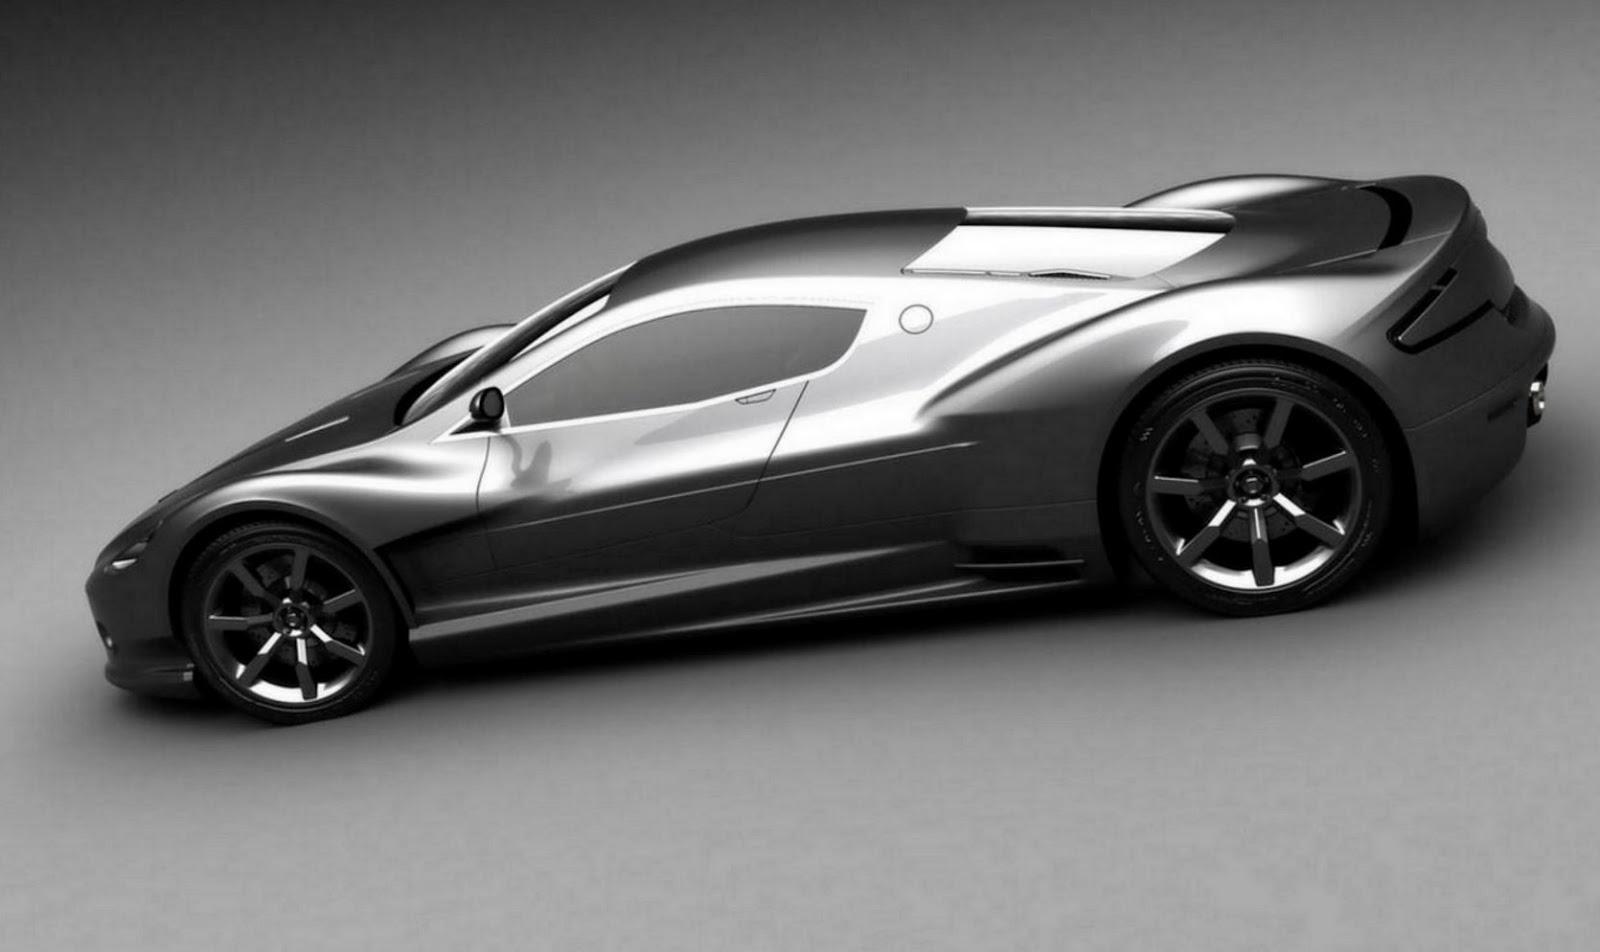 Carro - Aston Martin AMV10 Concept